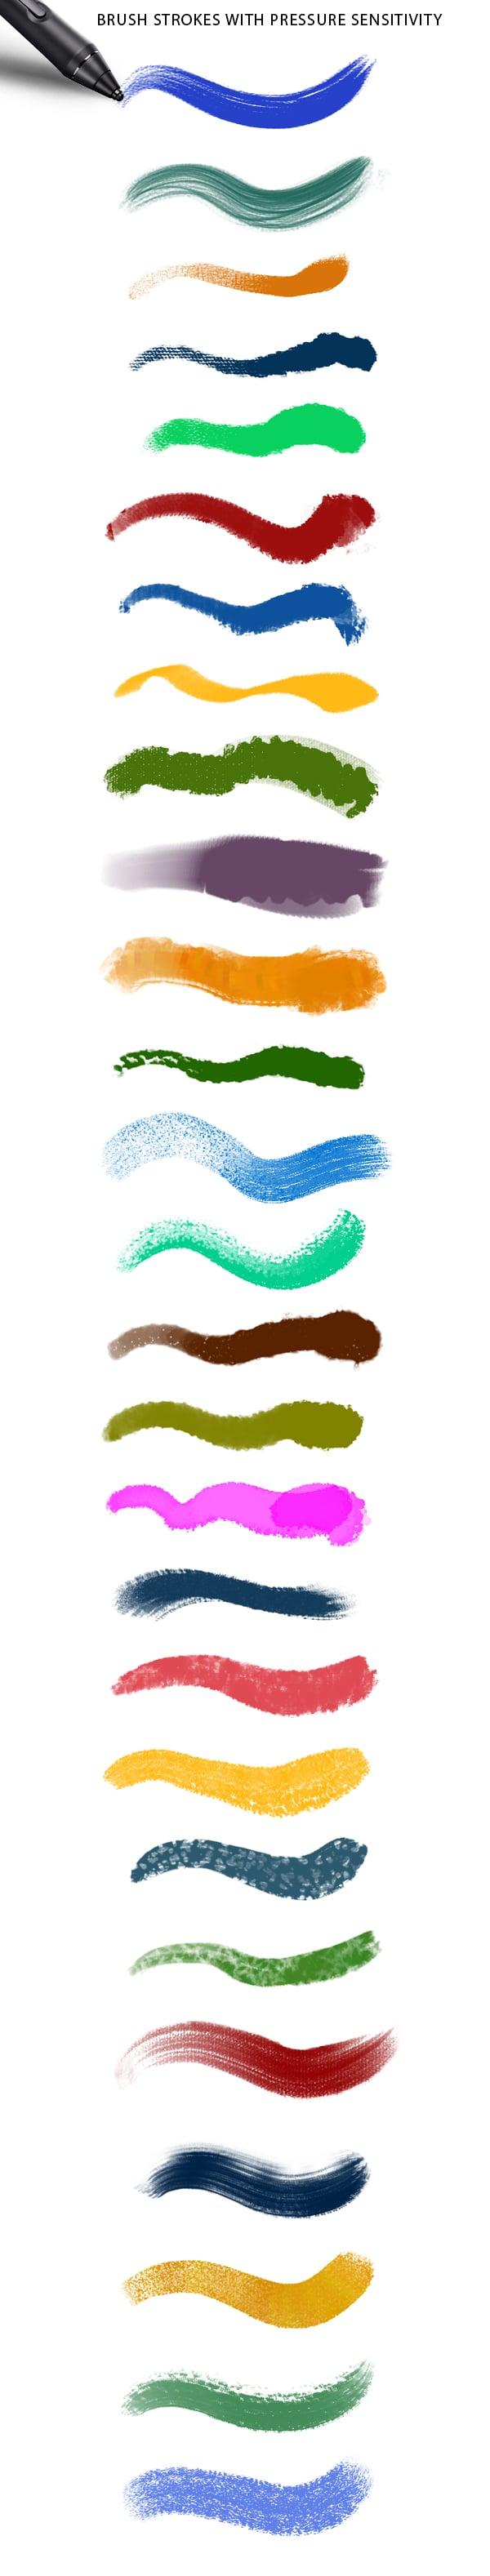 brushes-prev2-o